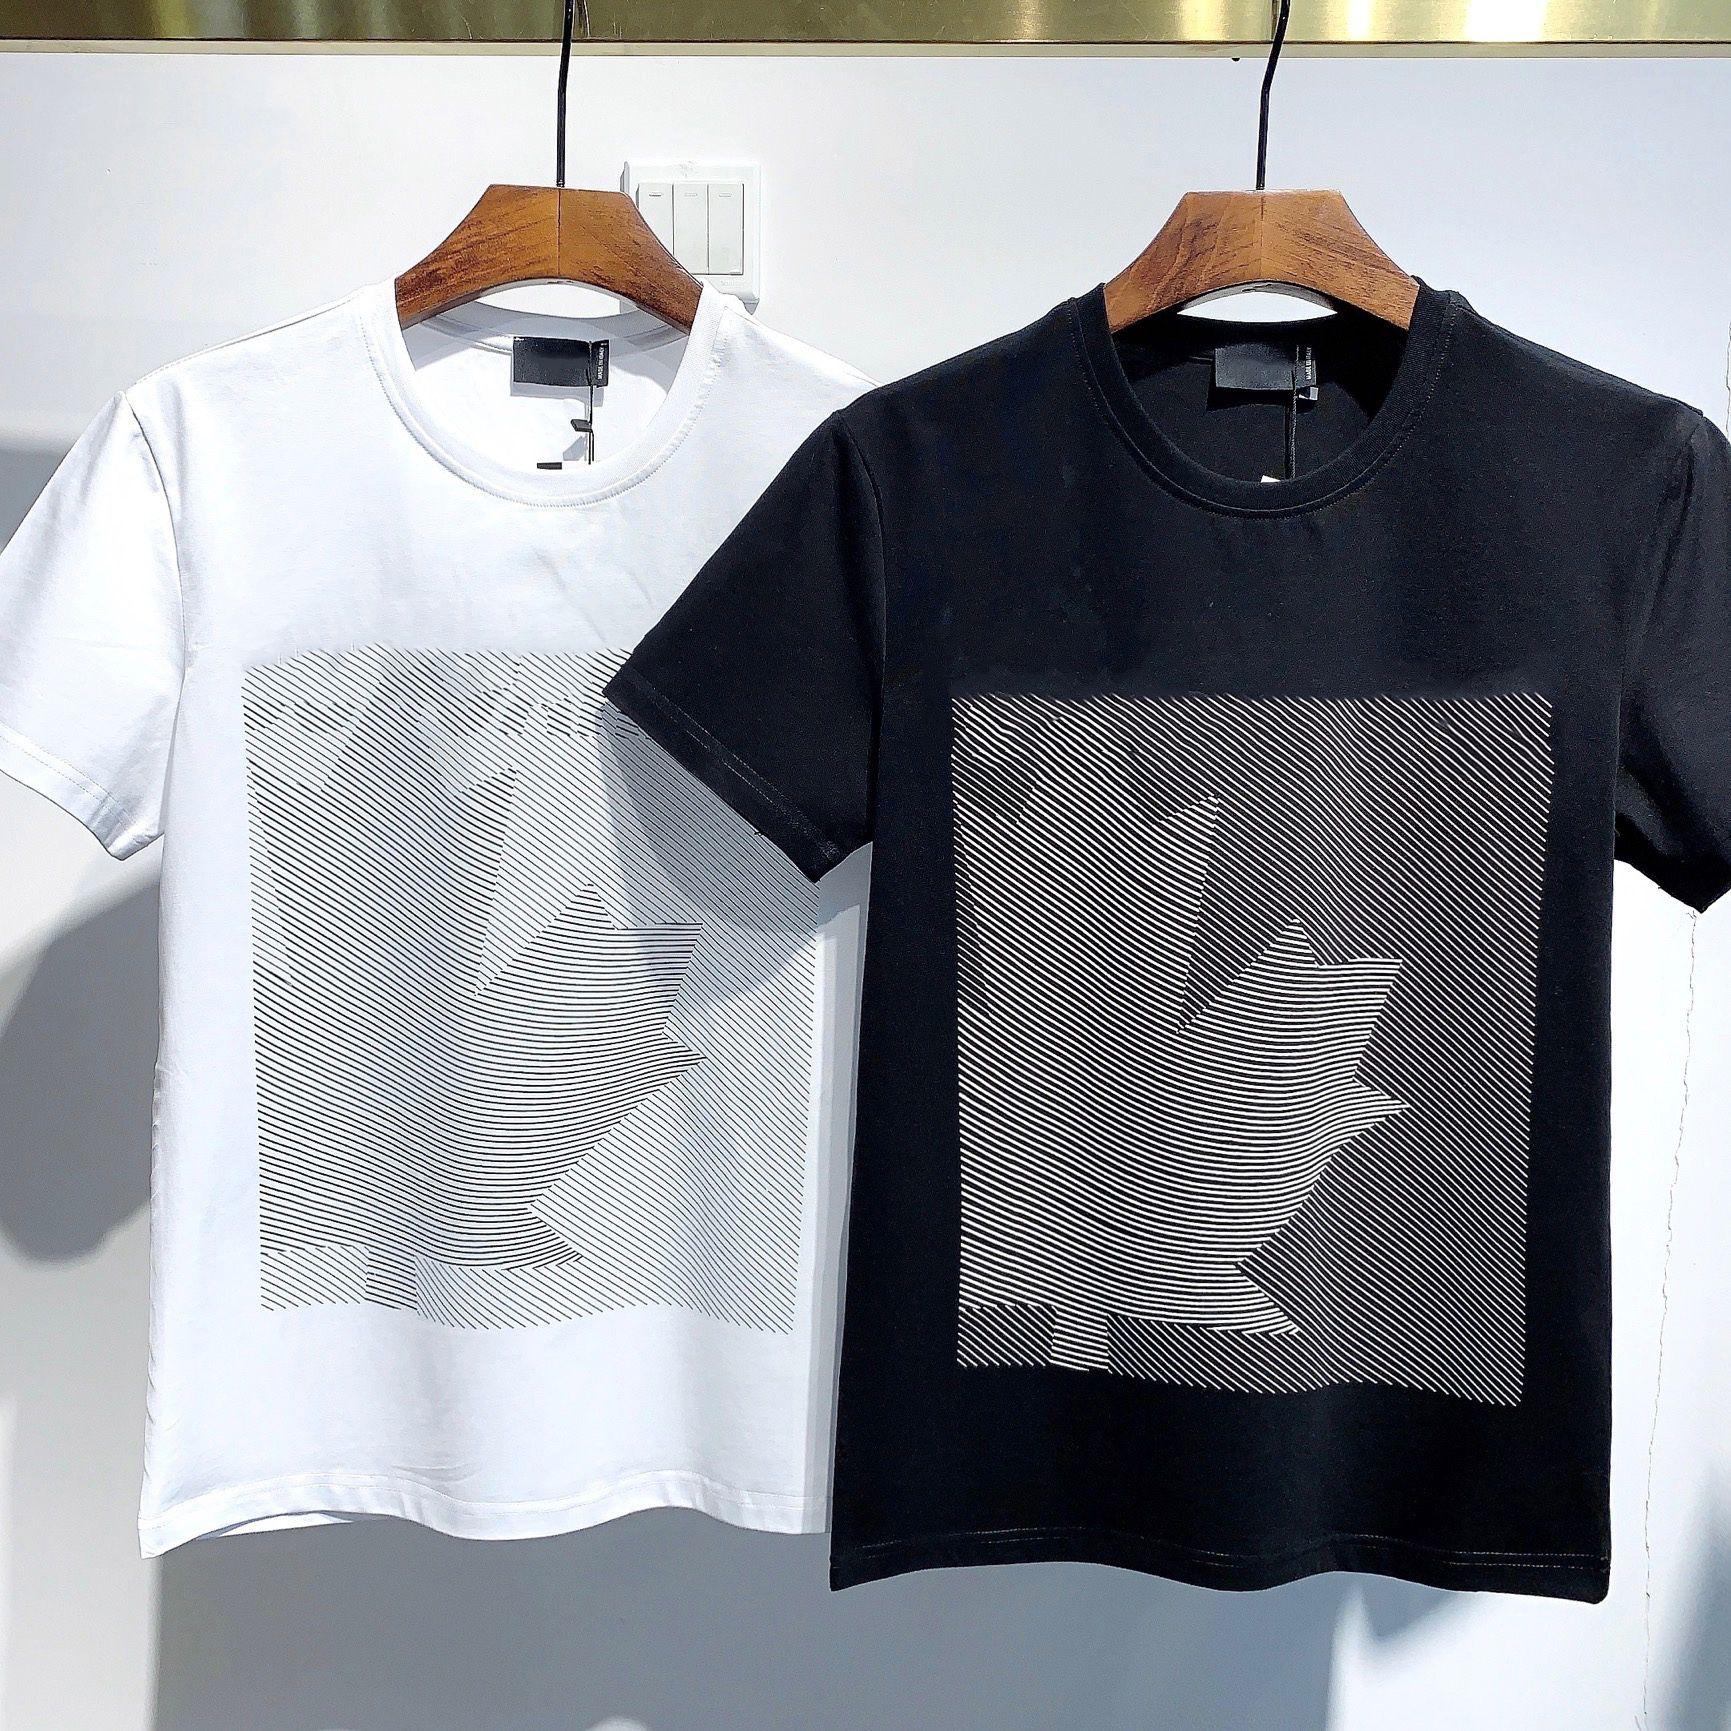 2021 패션 아이콘 디자이너 남성 여성 T 셔츠 # DT036 여름 클래식 메이플 리프 티 필수품 흰색 편지 인쇄 캐주얼 의류